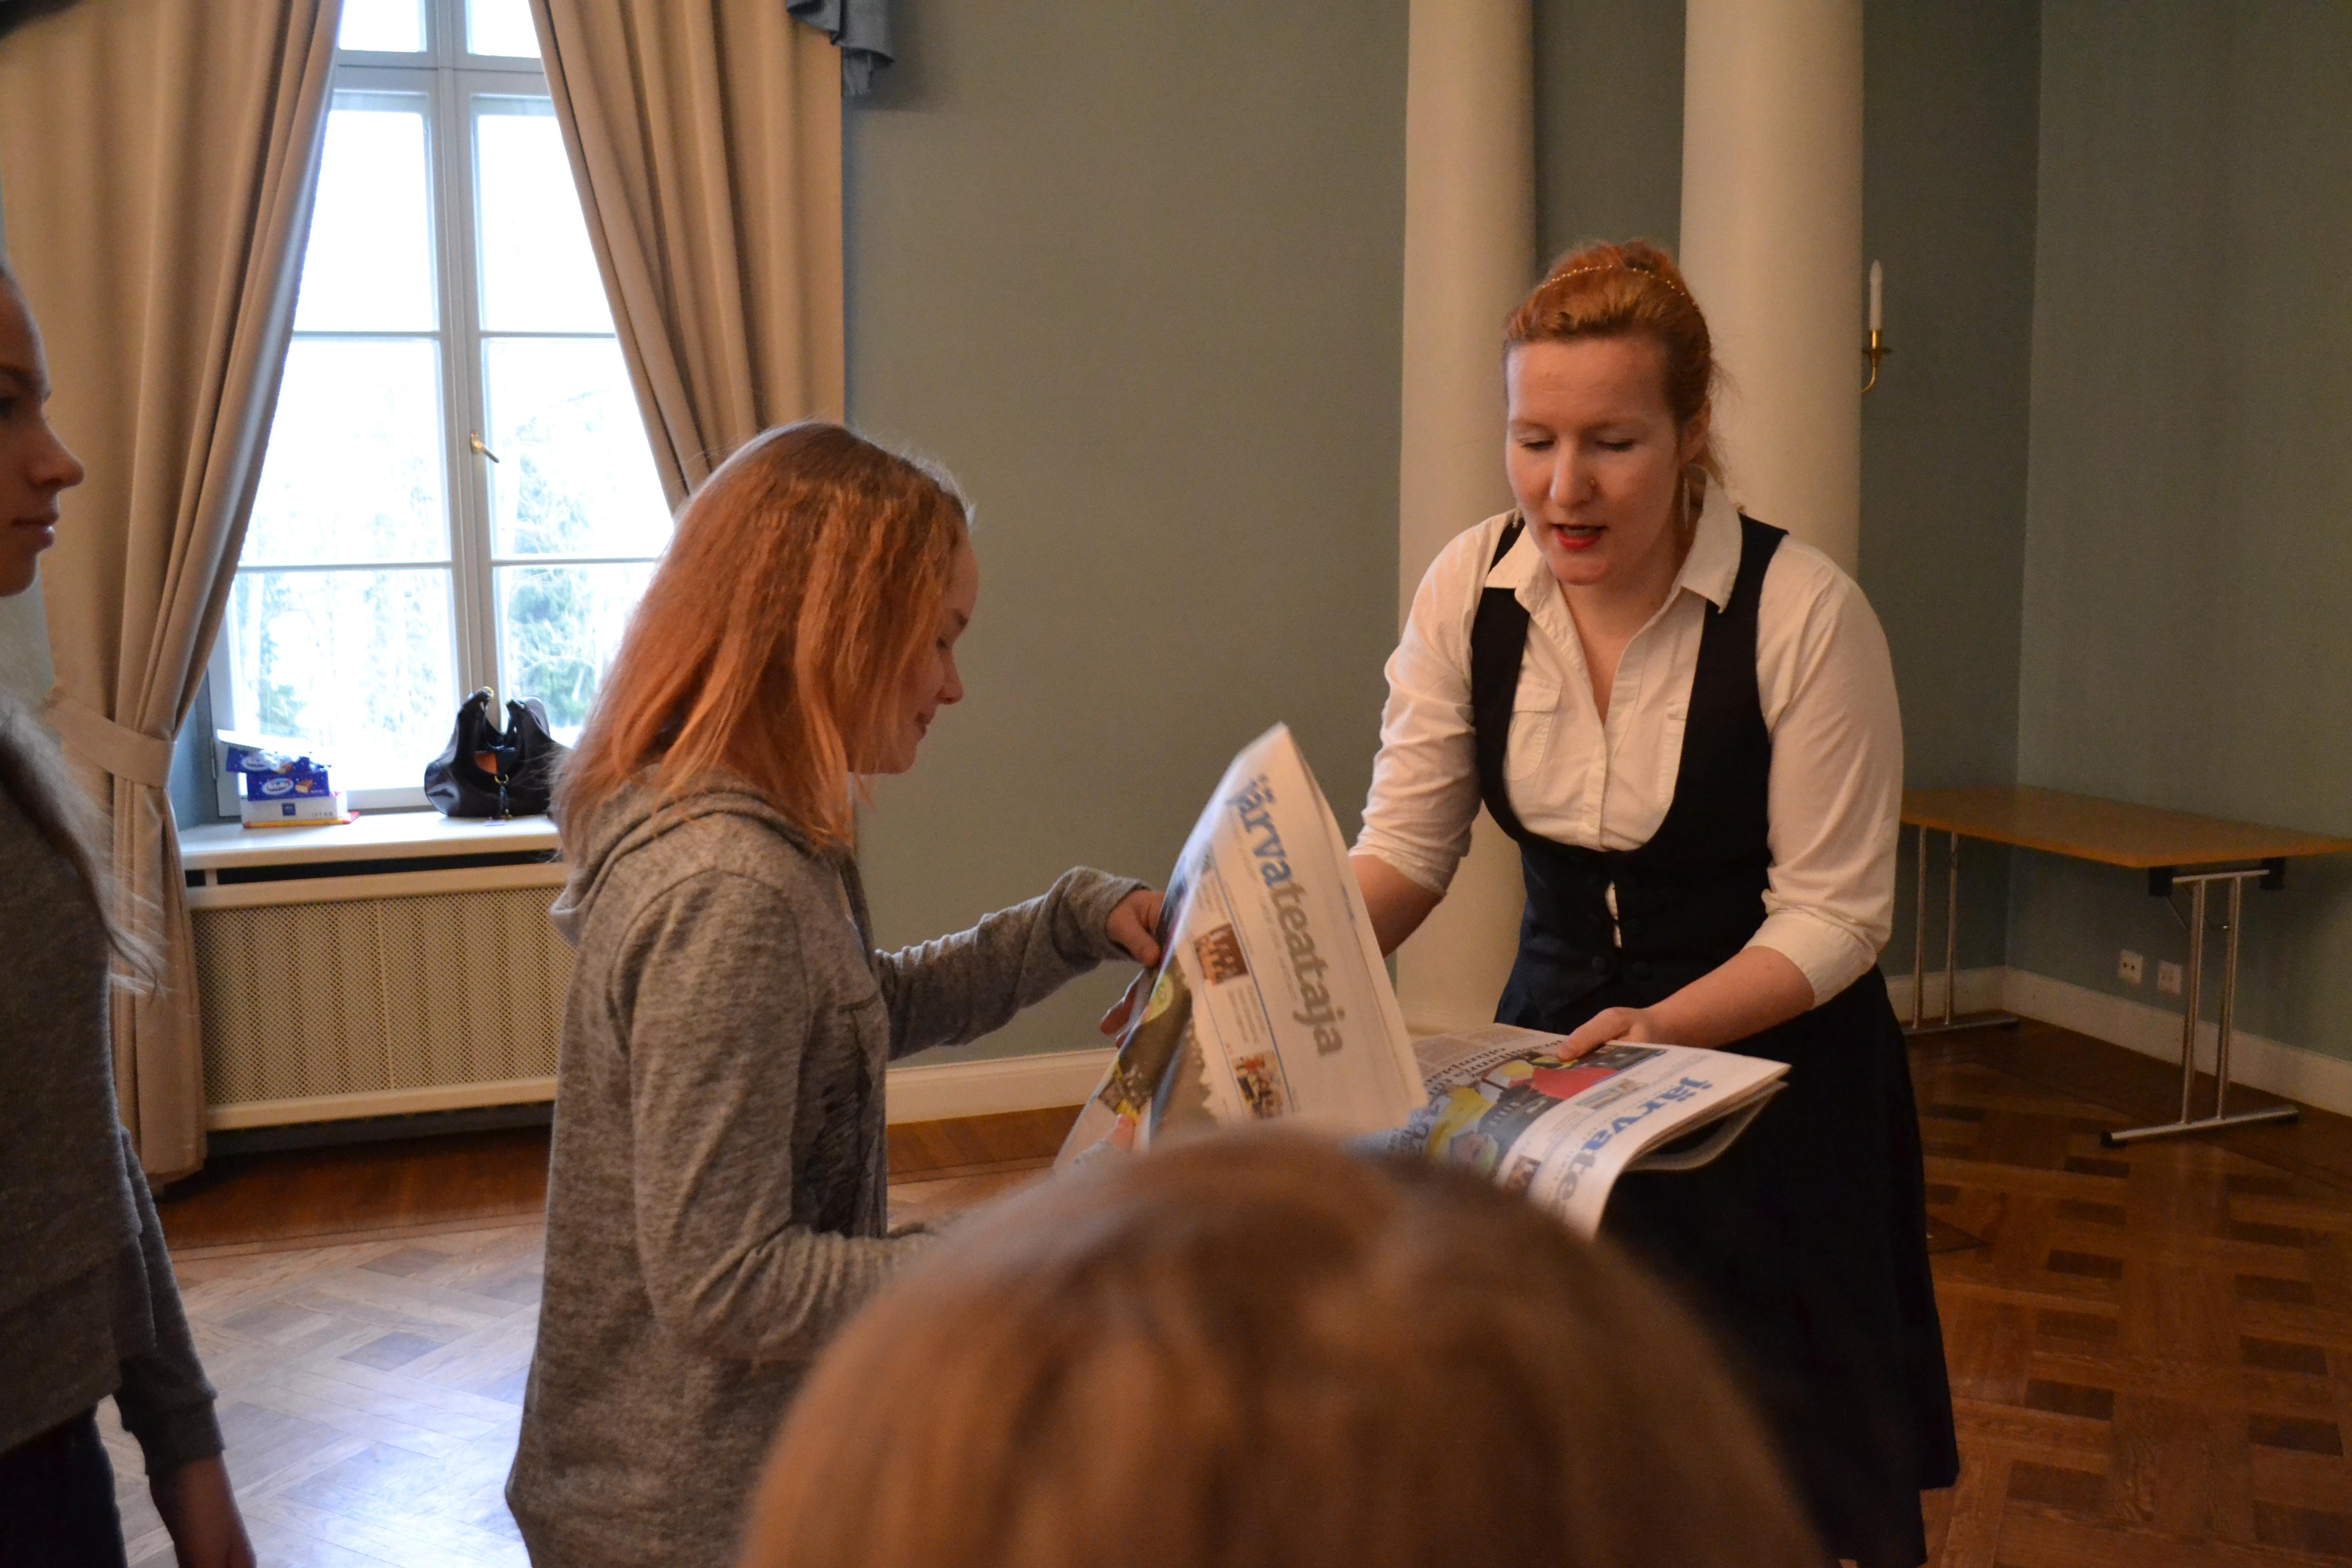 Emakeelepäevale pühendatud koosviibimine